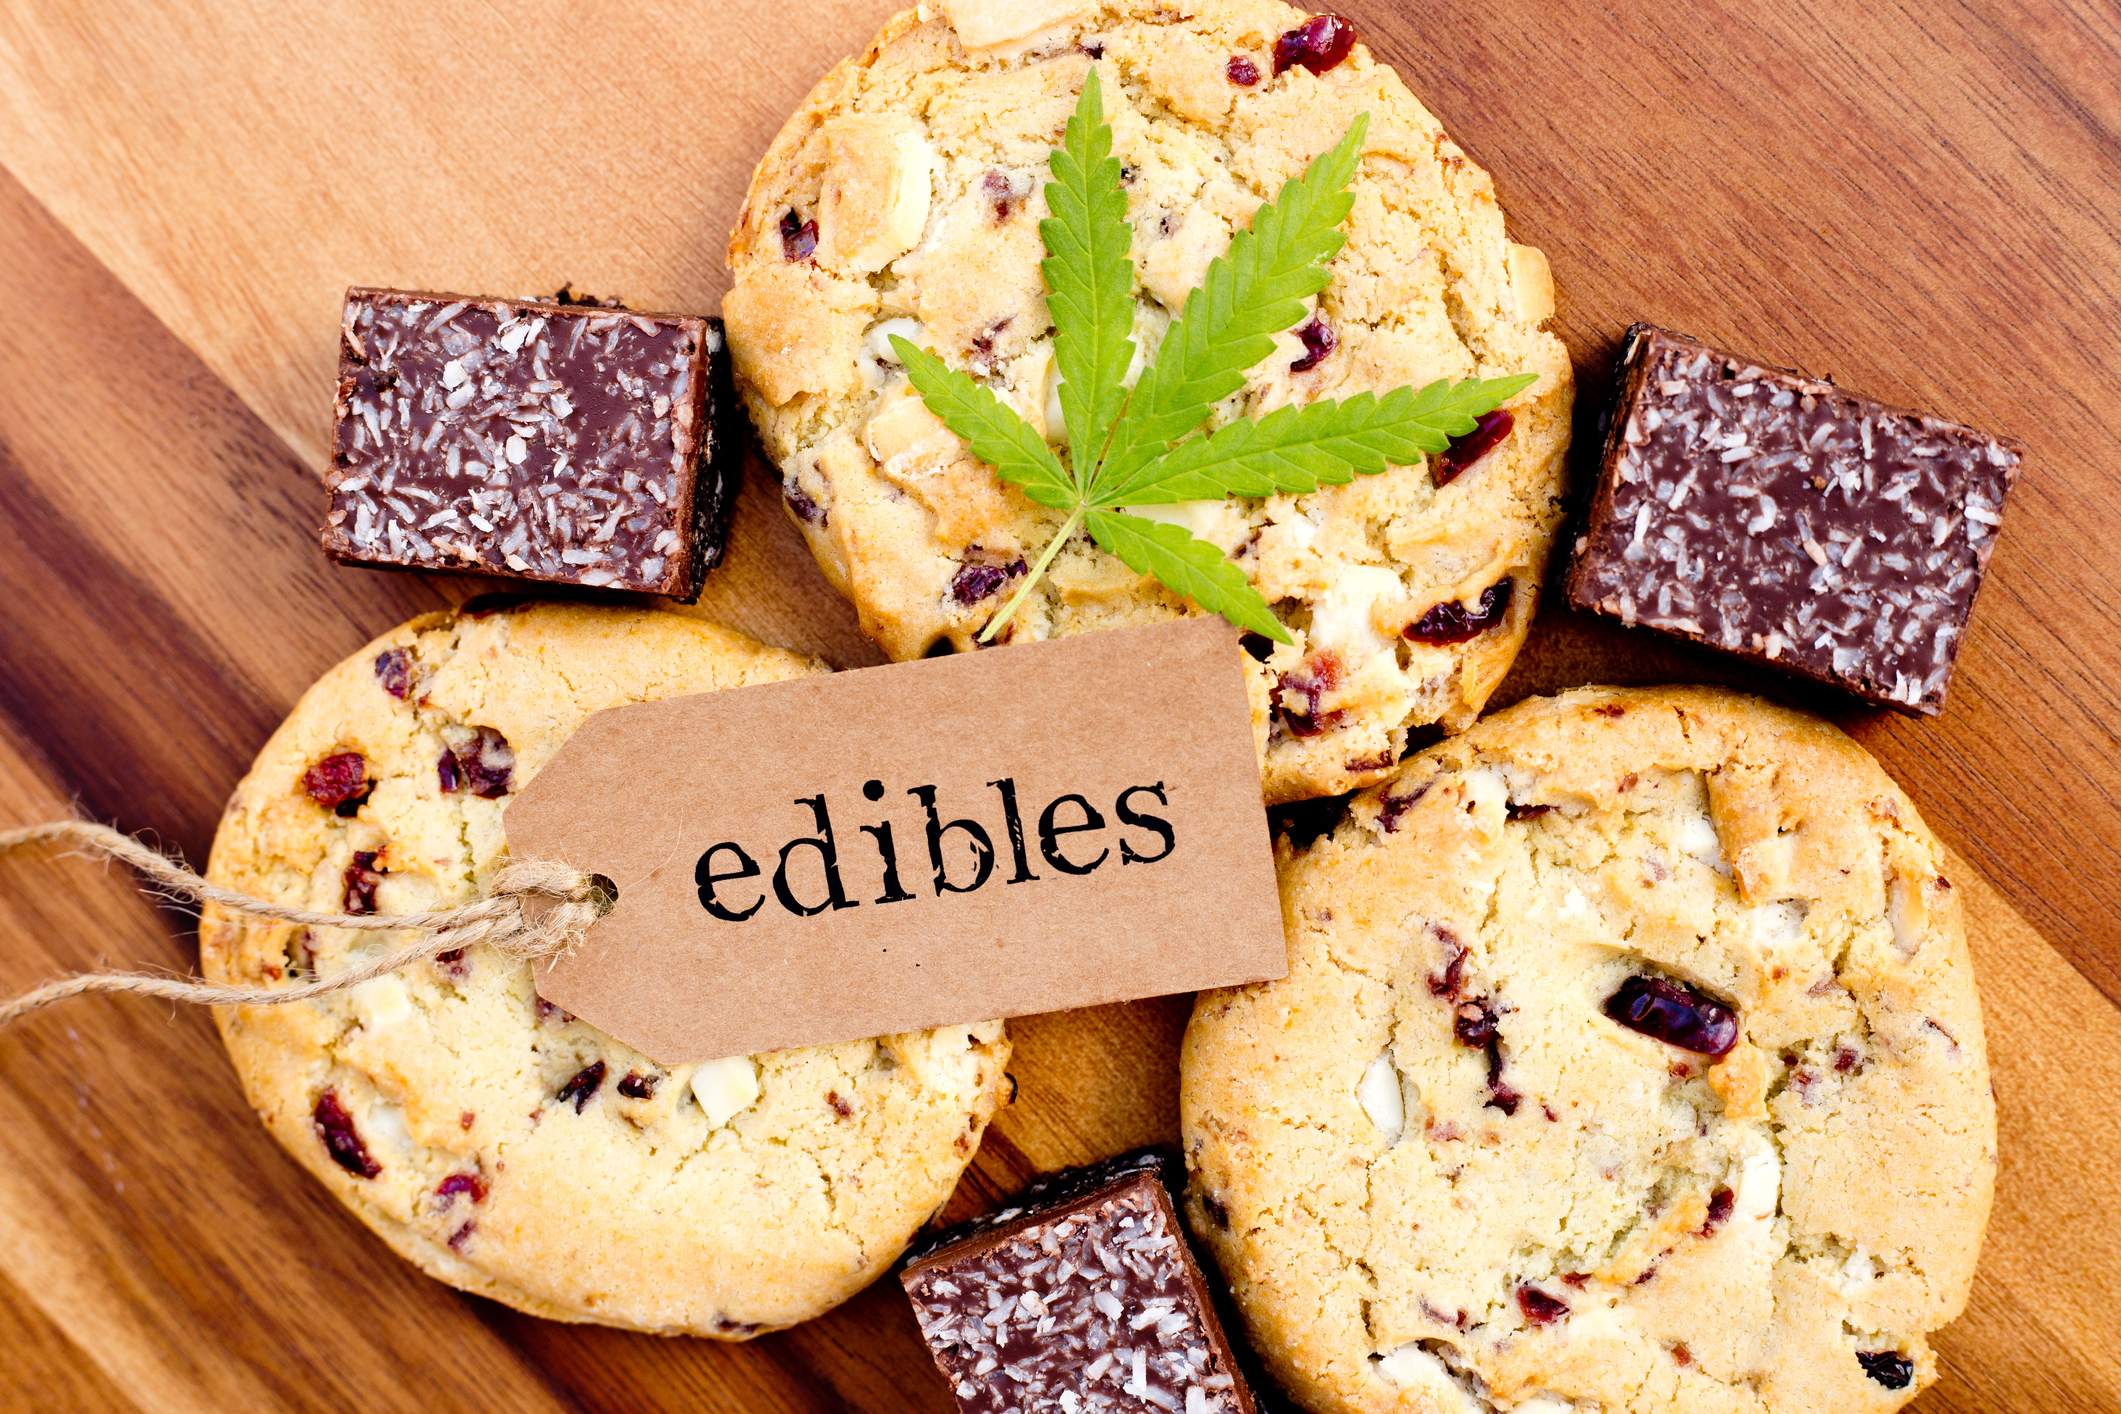 加拿大大麻食品市场将利润丰厚